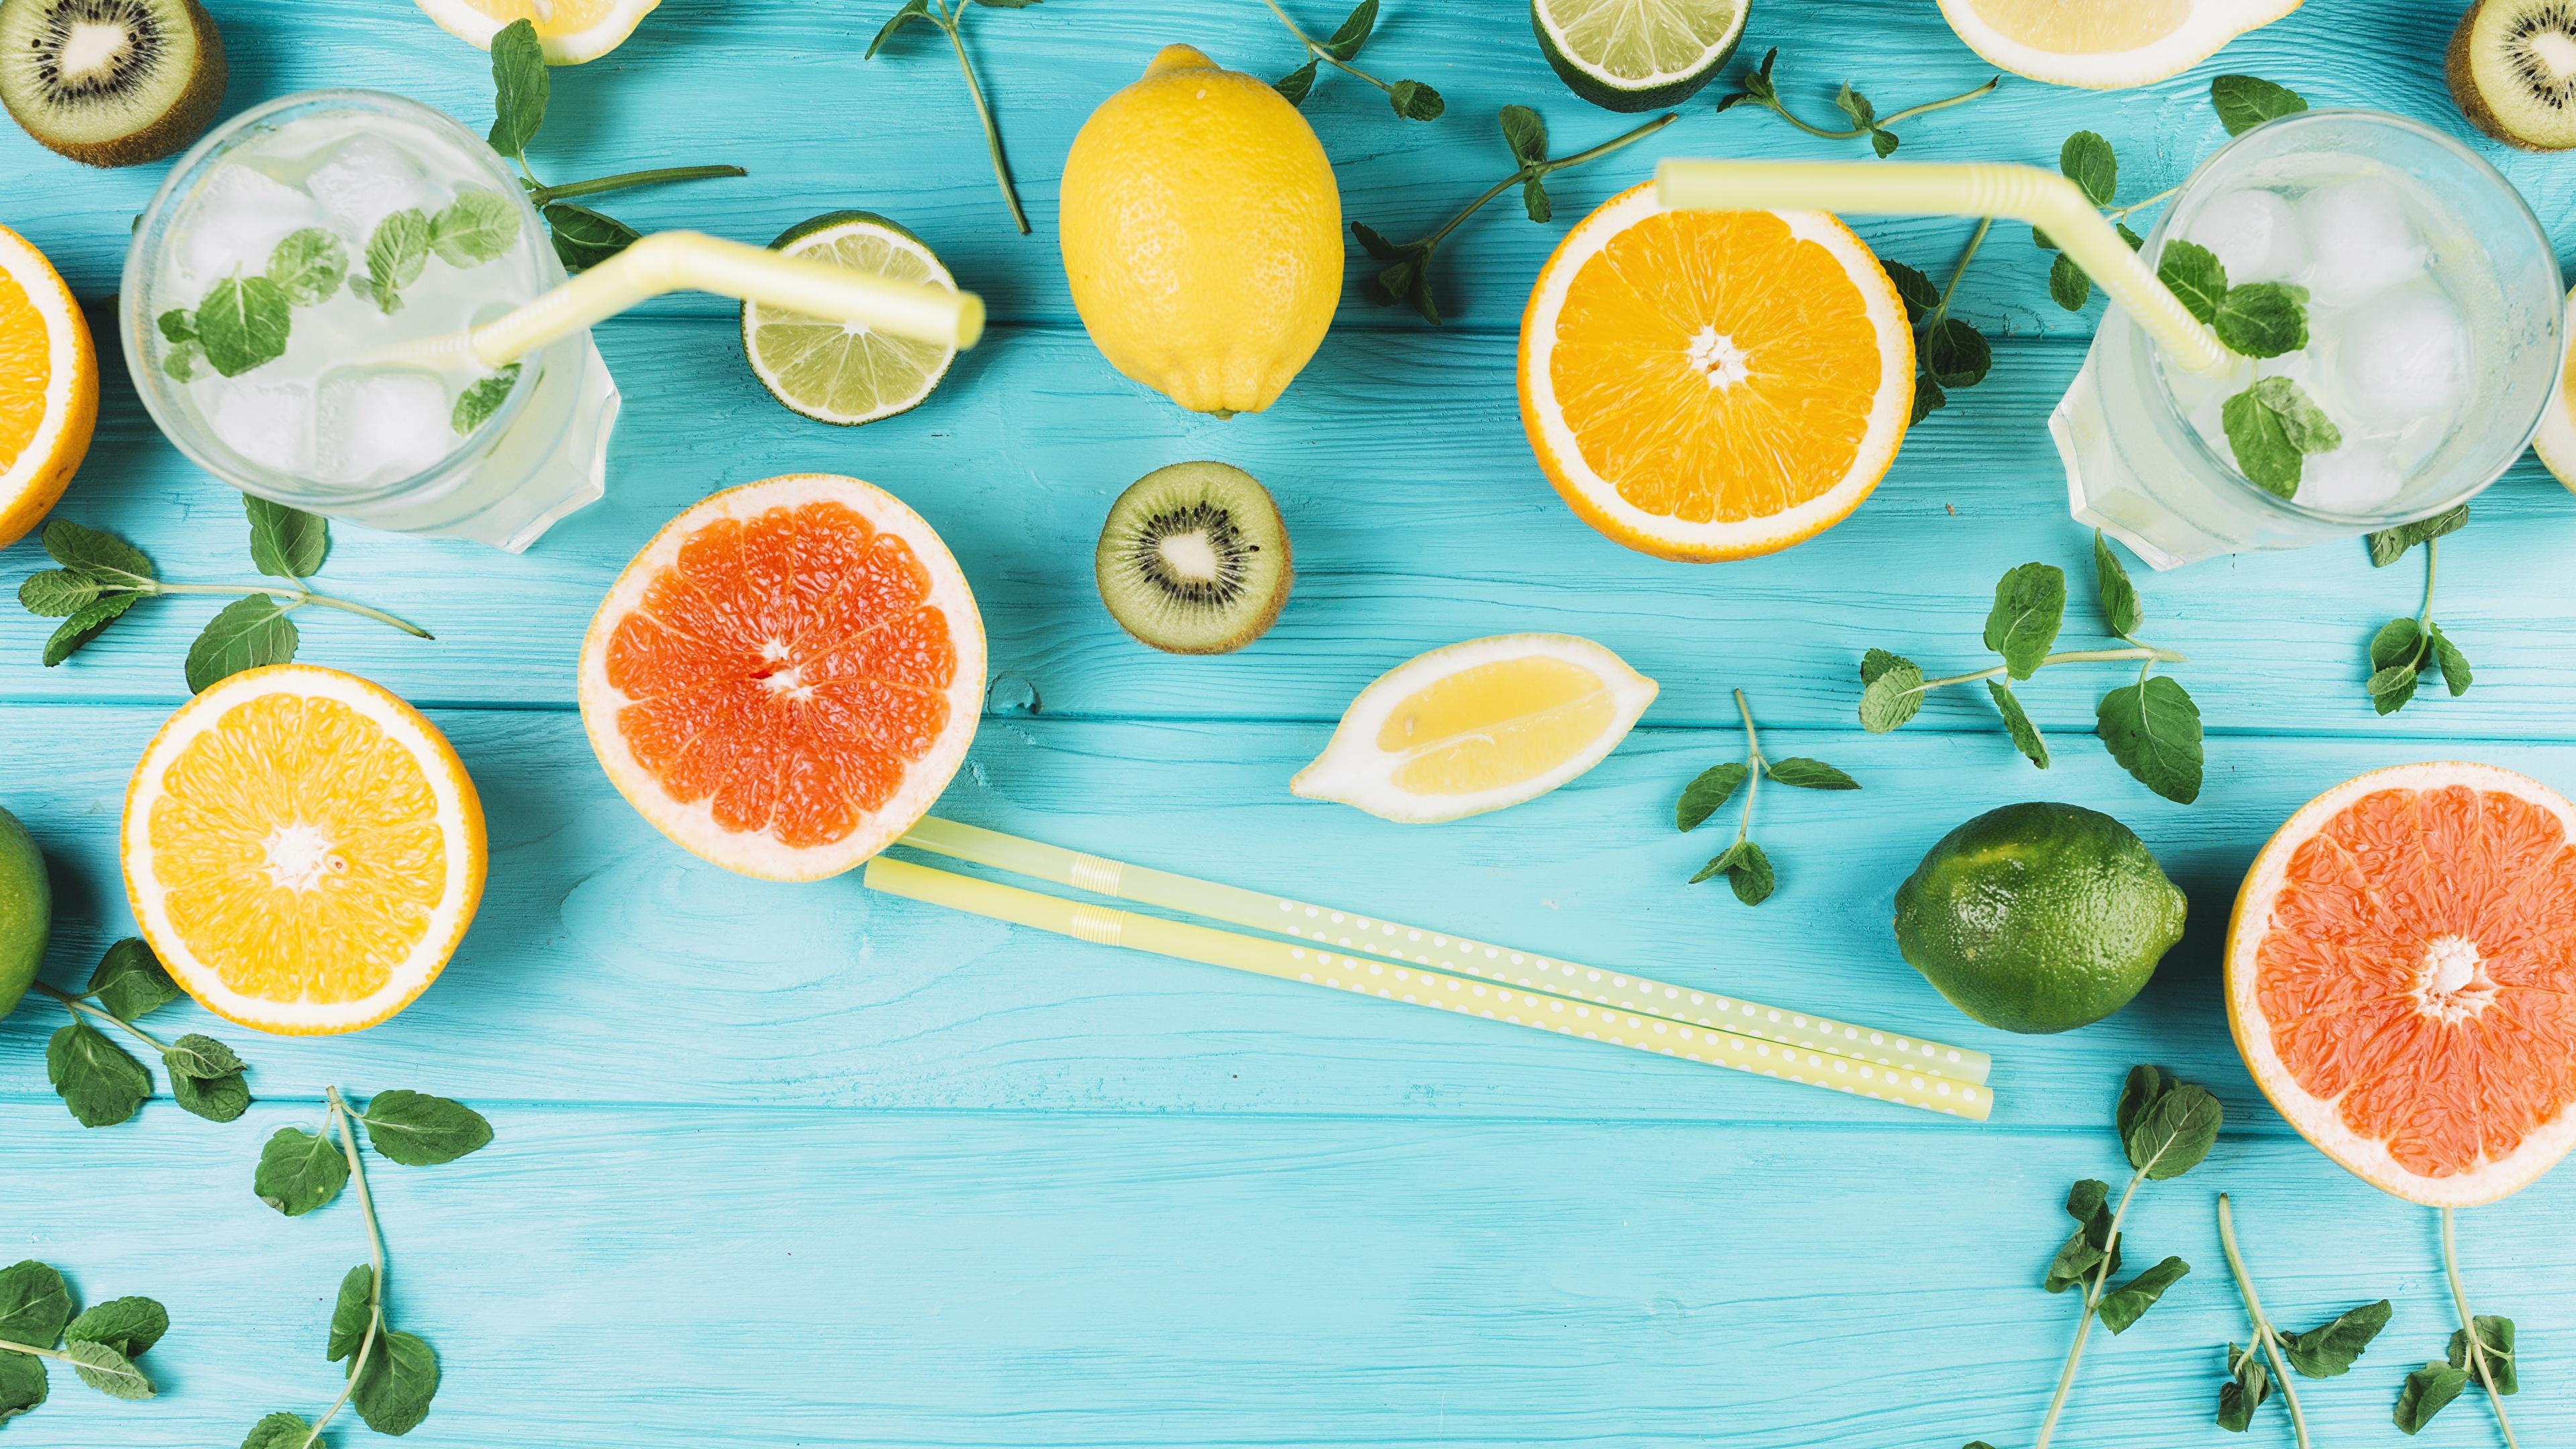 Обои Грейпфрут Лимоны стакане Еда Палочки для еды Цитрусовые Доски 3840x2160 Стакан стакана Пища Продукты питания